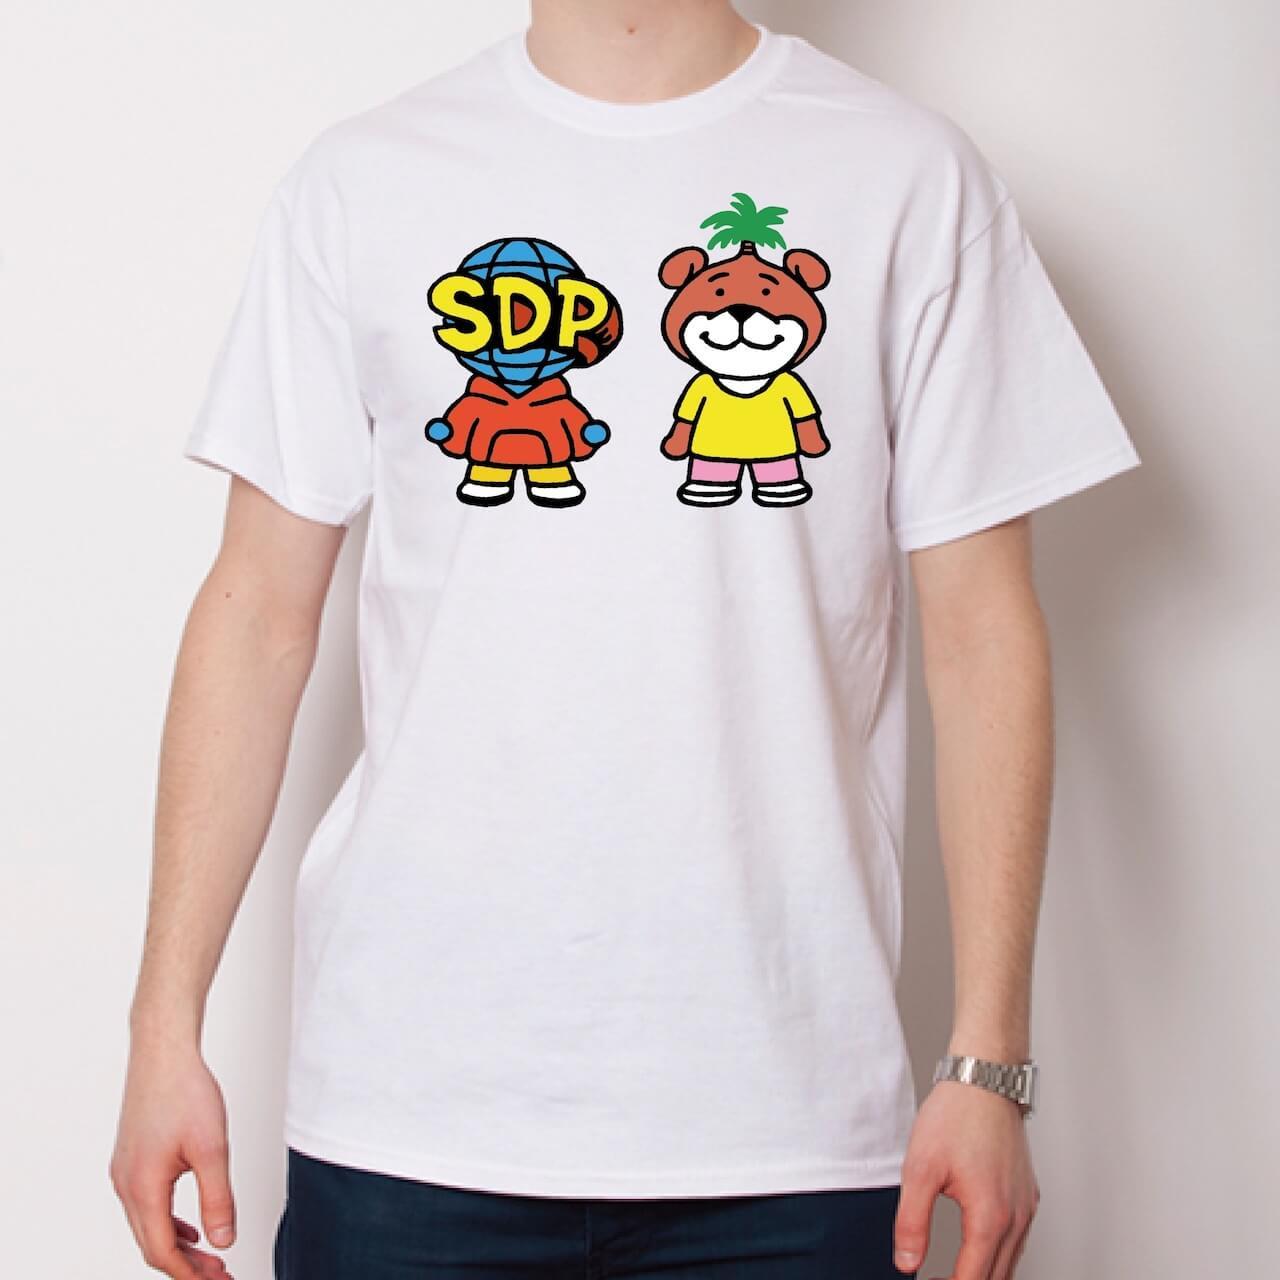 「スチャとネバヤン」話題のコラボからオリジナルTシャツとロンTが発売決定 music210928-schadaraparr-neveryoungbeach-4